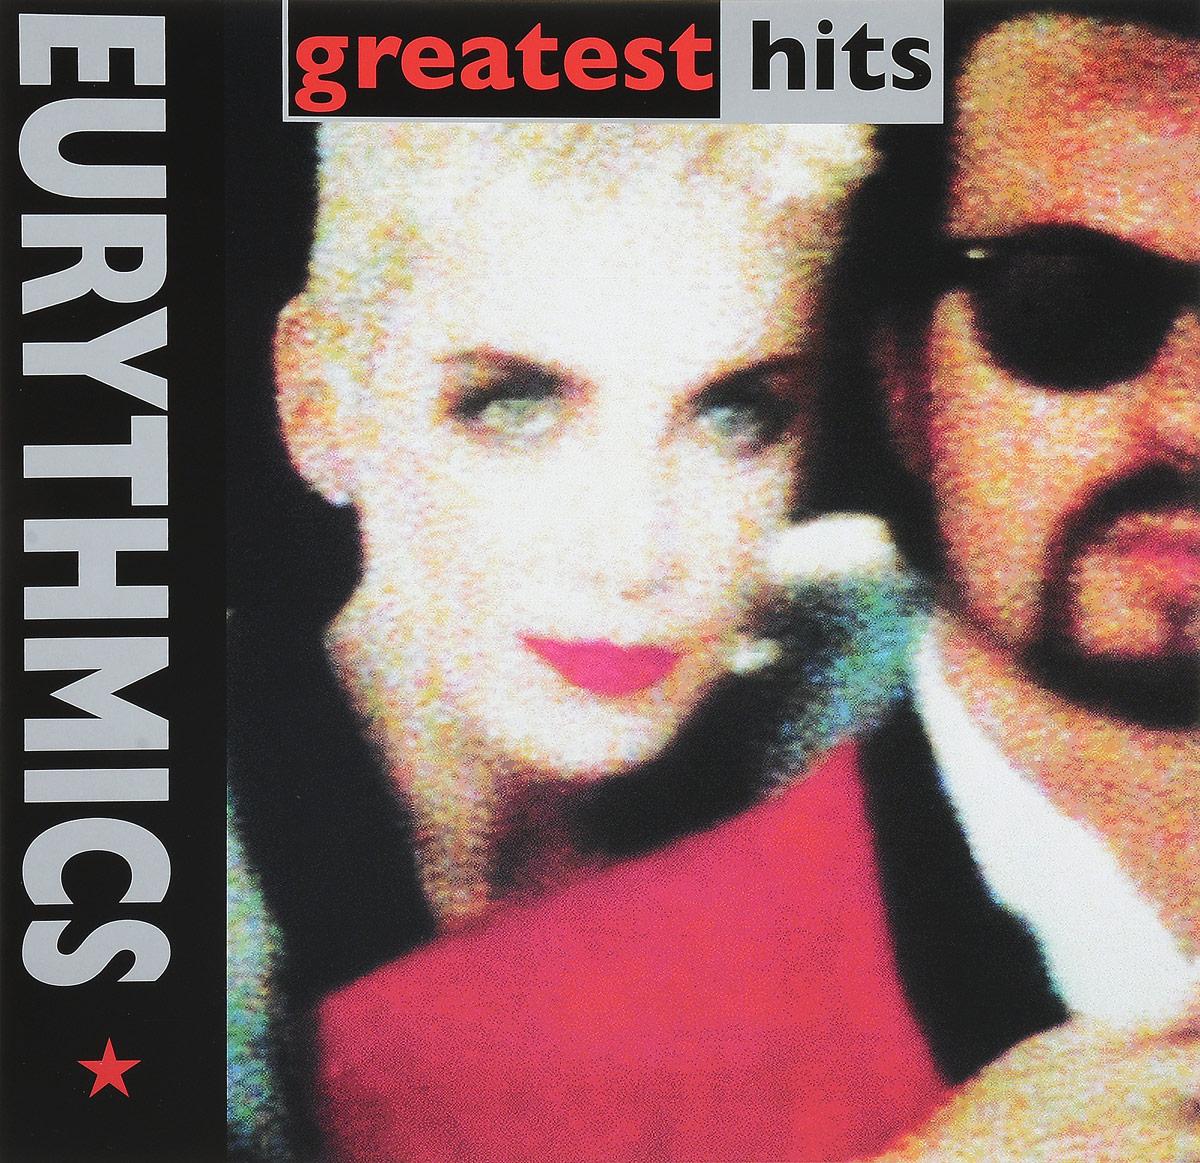 Фото - Eurythmics Eurythmics. Greatest Hits (2 LP) eurythmics eurythmics greatest hits 2 lp